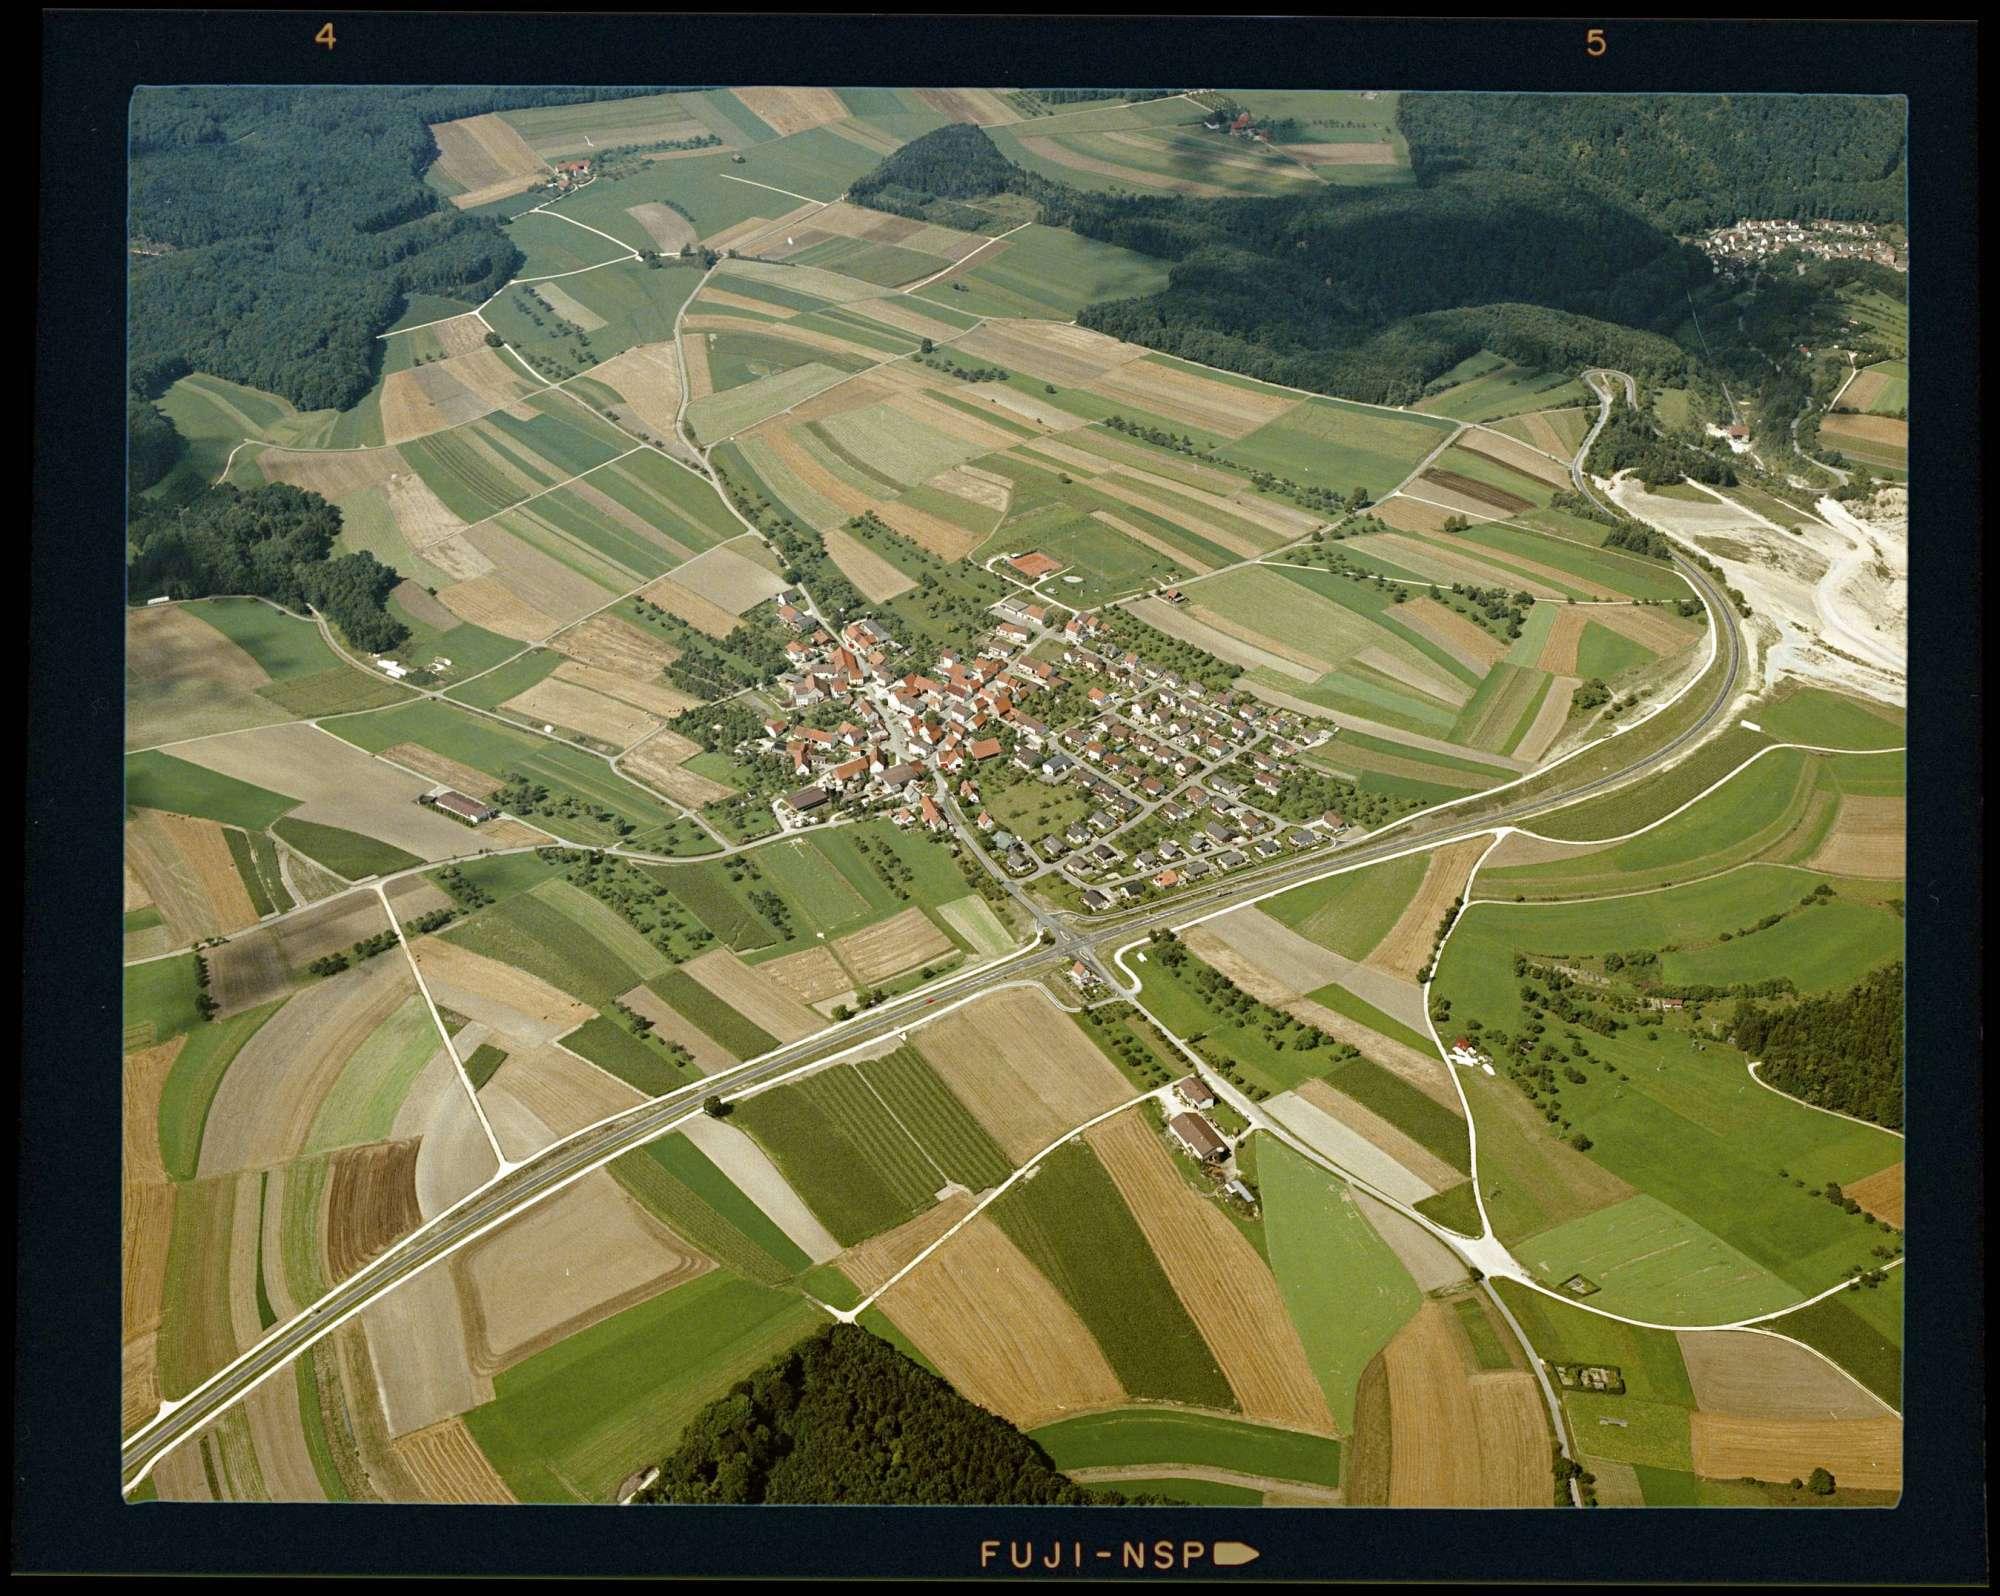 Beiningen, Luftbild, Bild 1